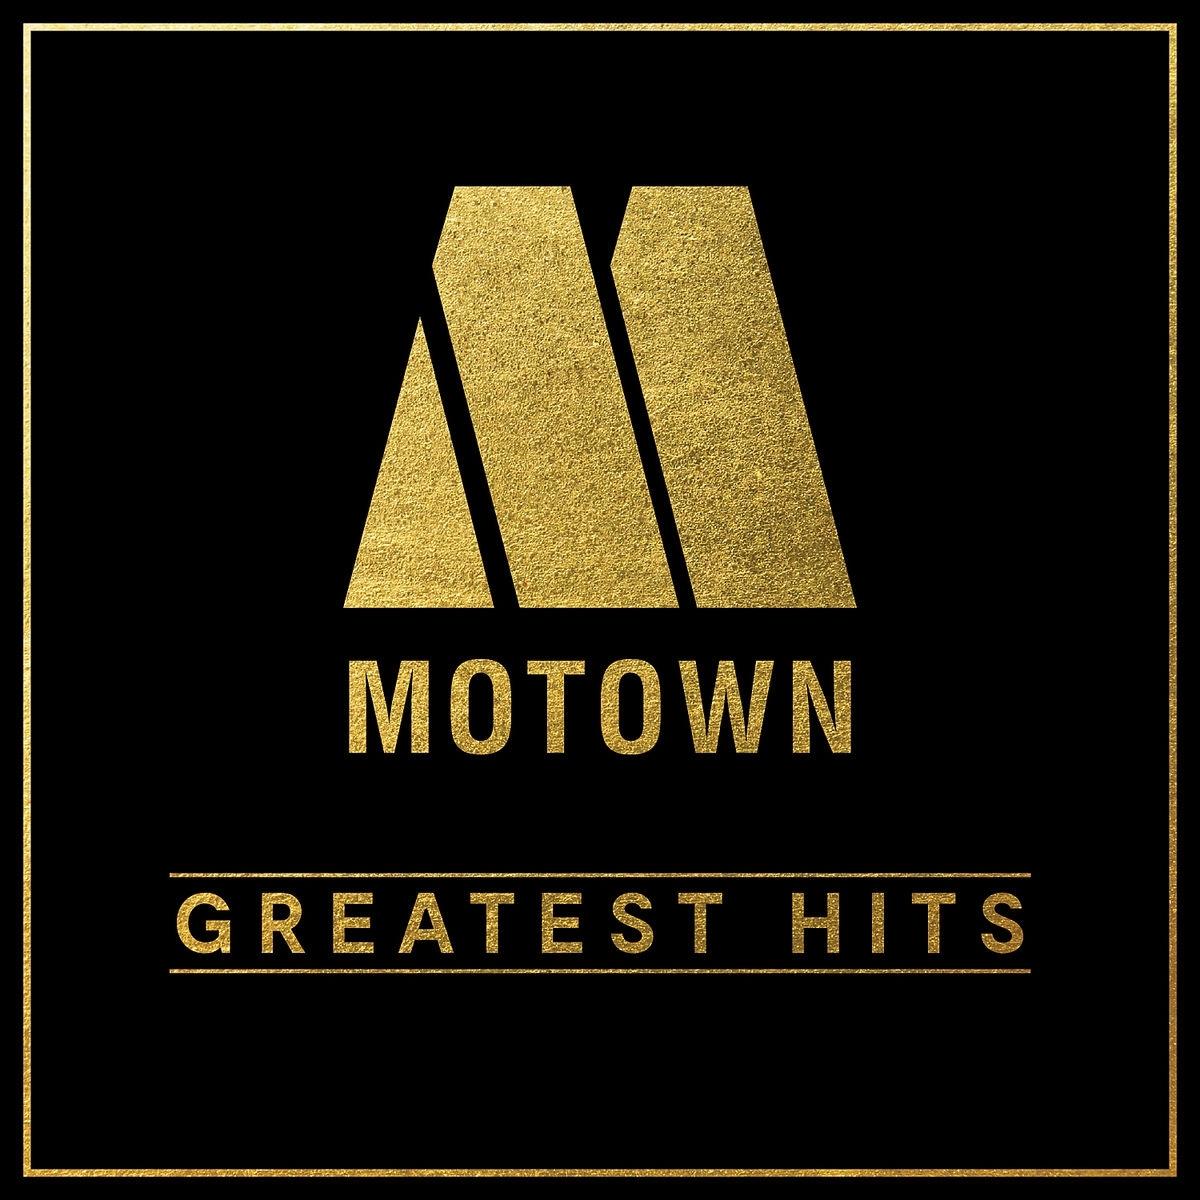 VÁLOGATÁS MOTOWN GREATEST HITS zene CD vásárlás